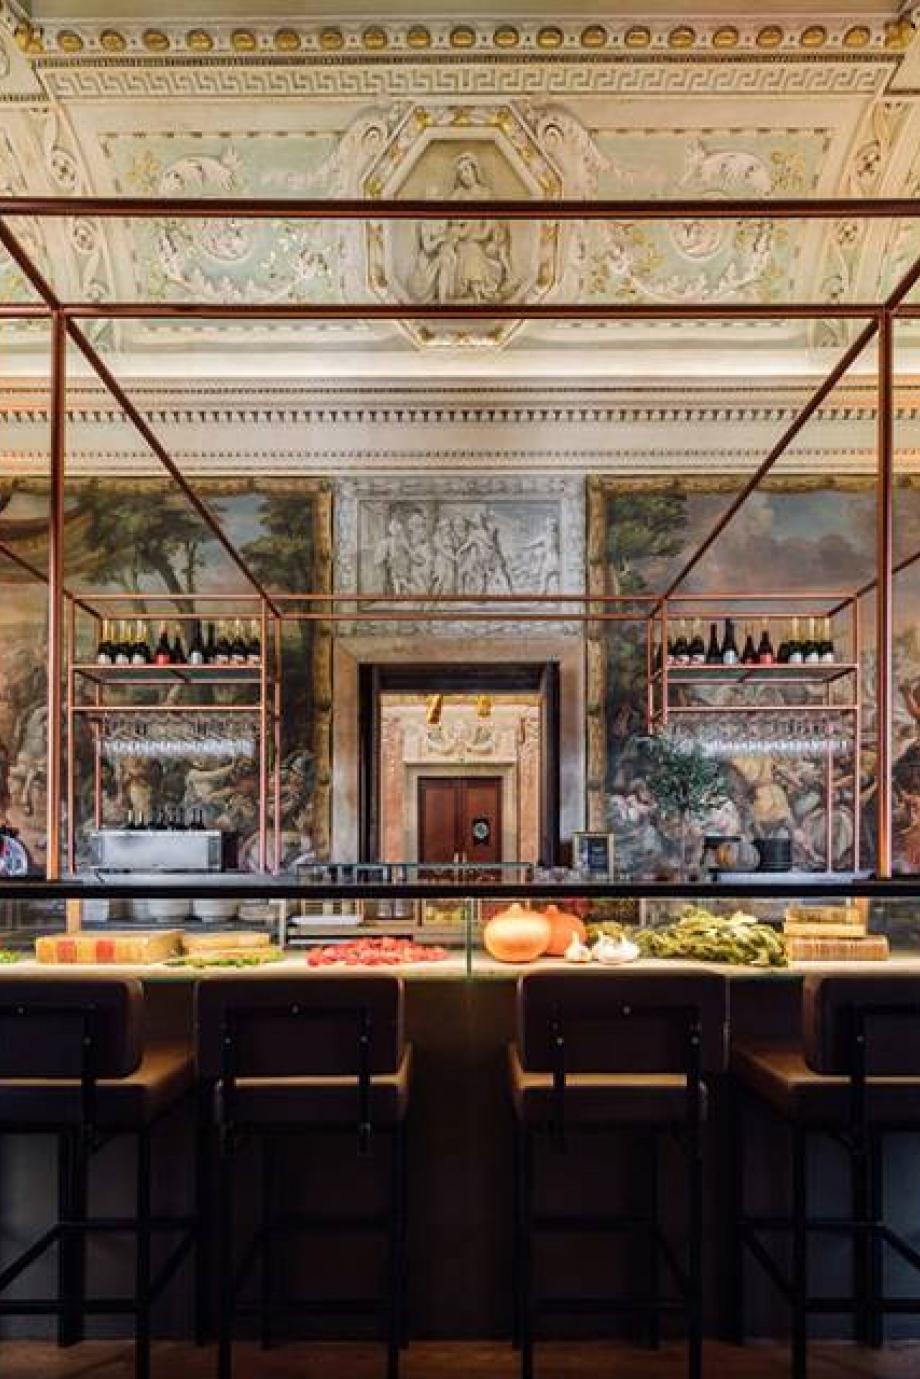 LisboaCool_Blog_Visitas guiadas ao Palácio Chiado